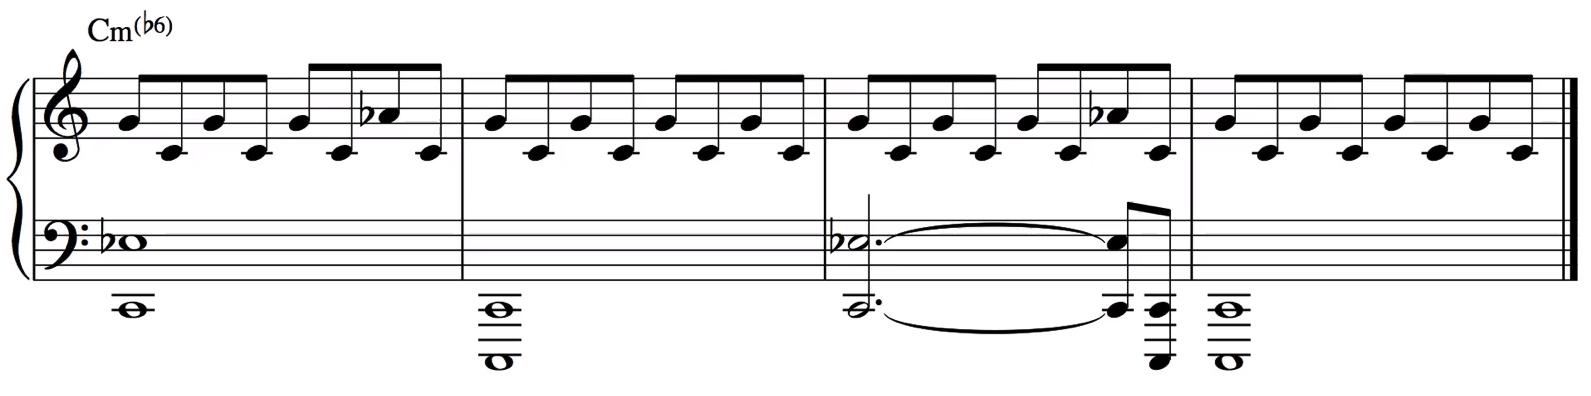 小三降六和弦的例子